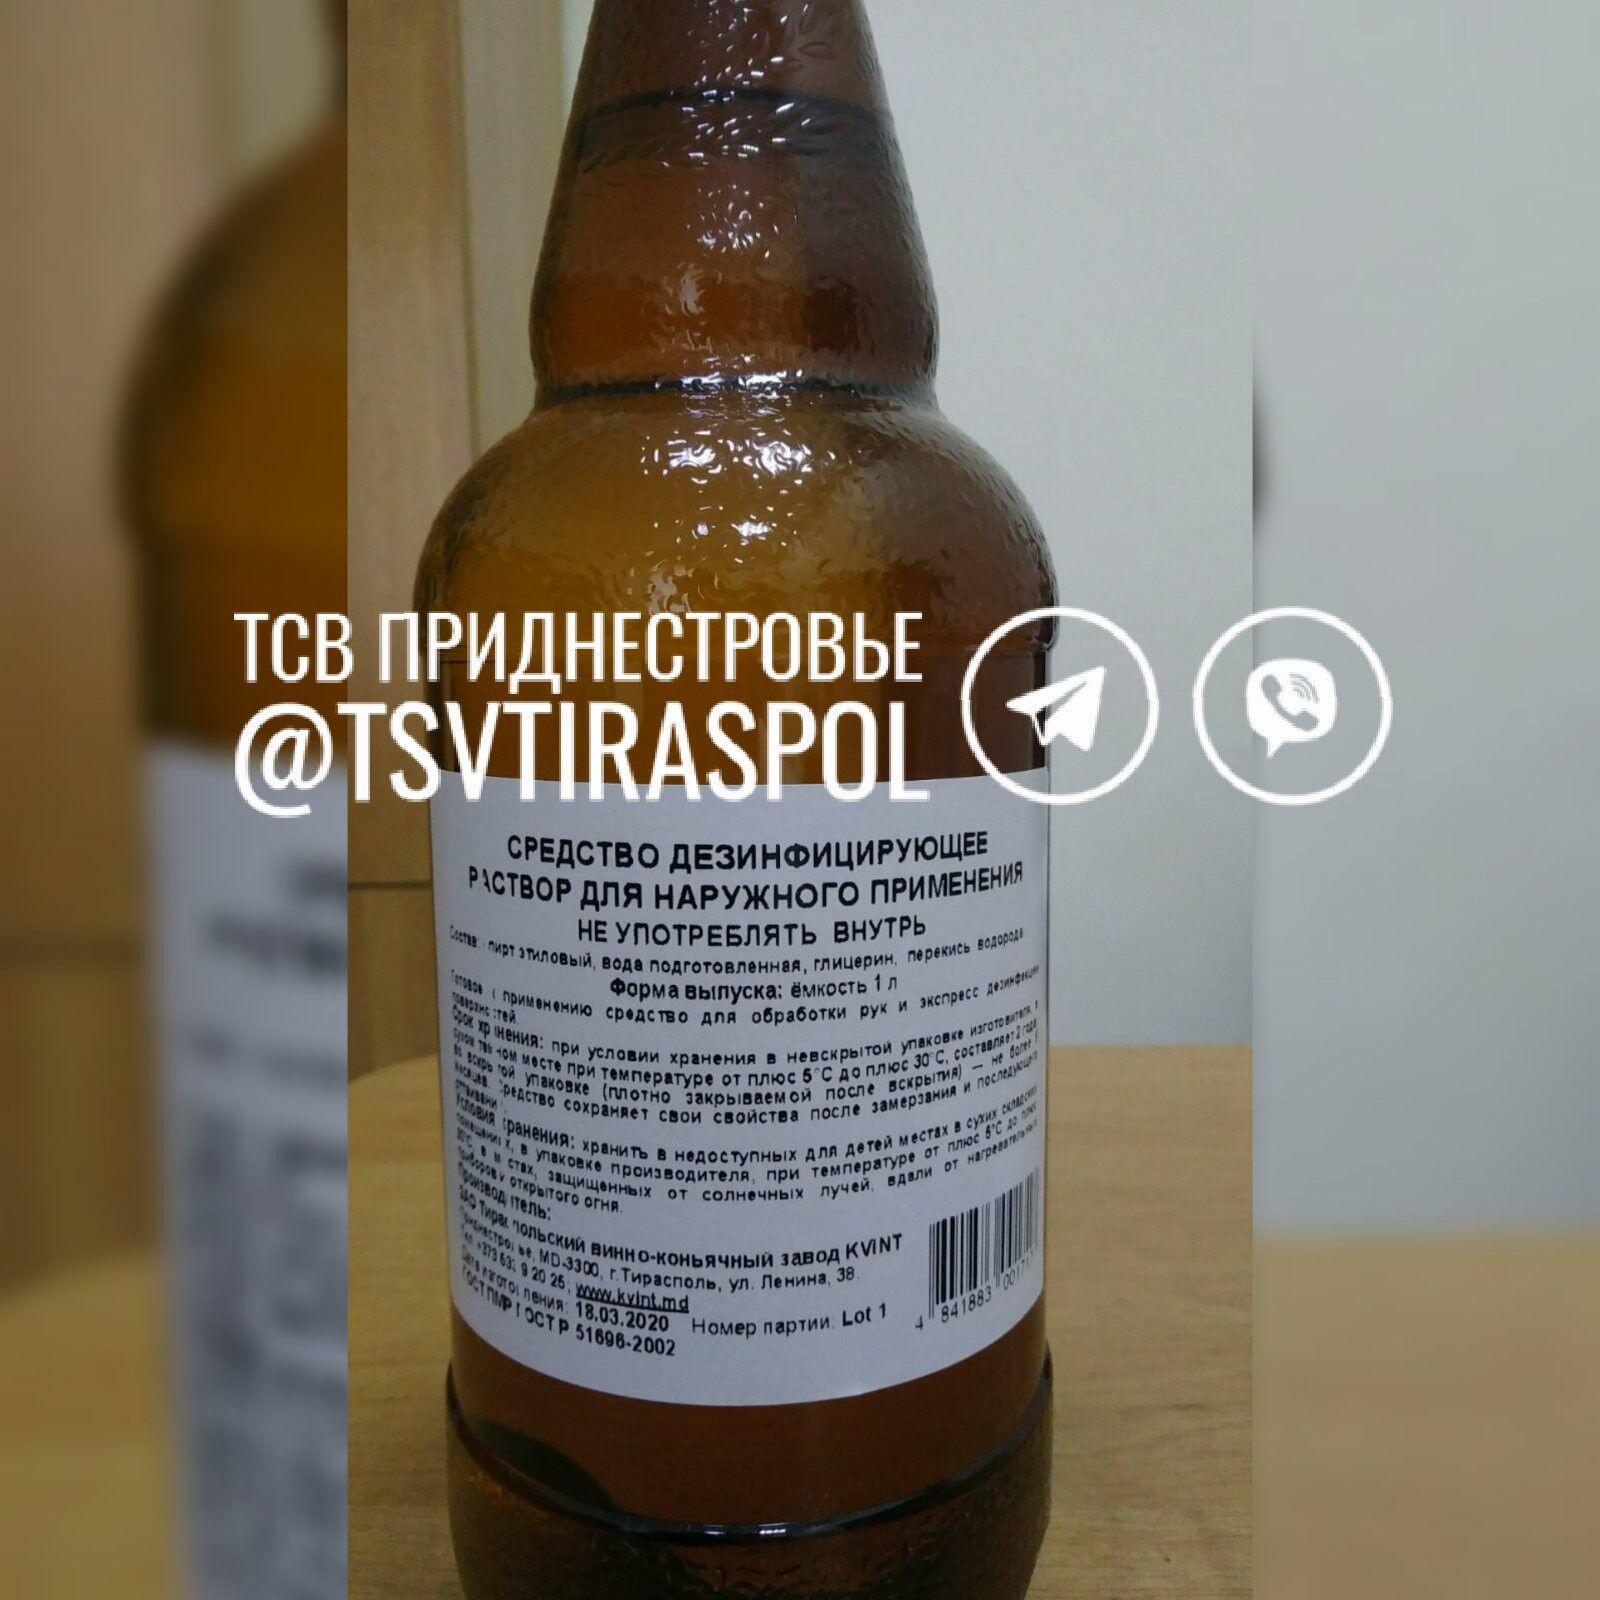 Компания Kvint начала выпускать жидкость для дезинфекции рук (ФОТО)